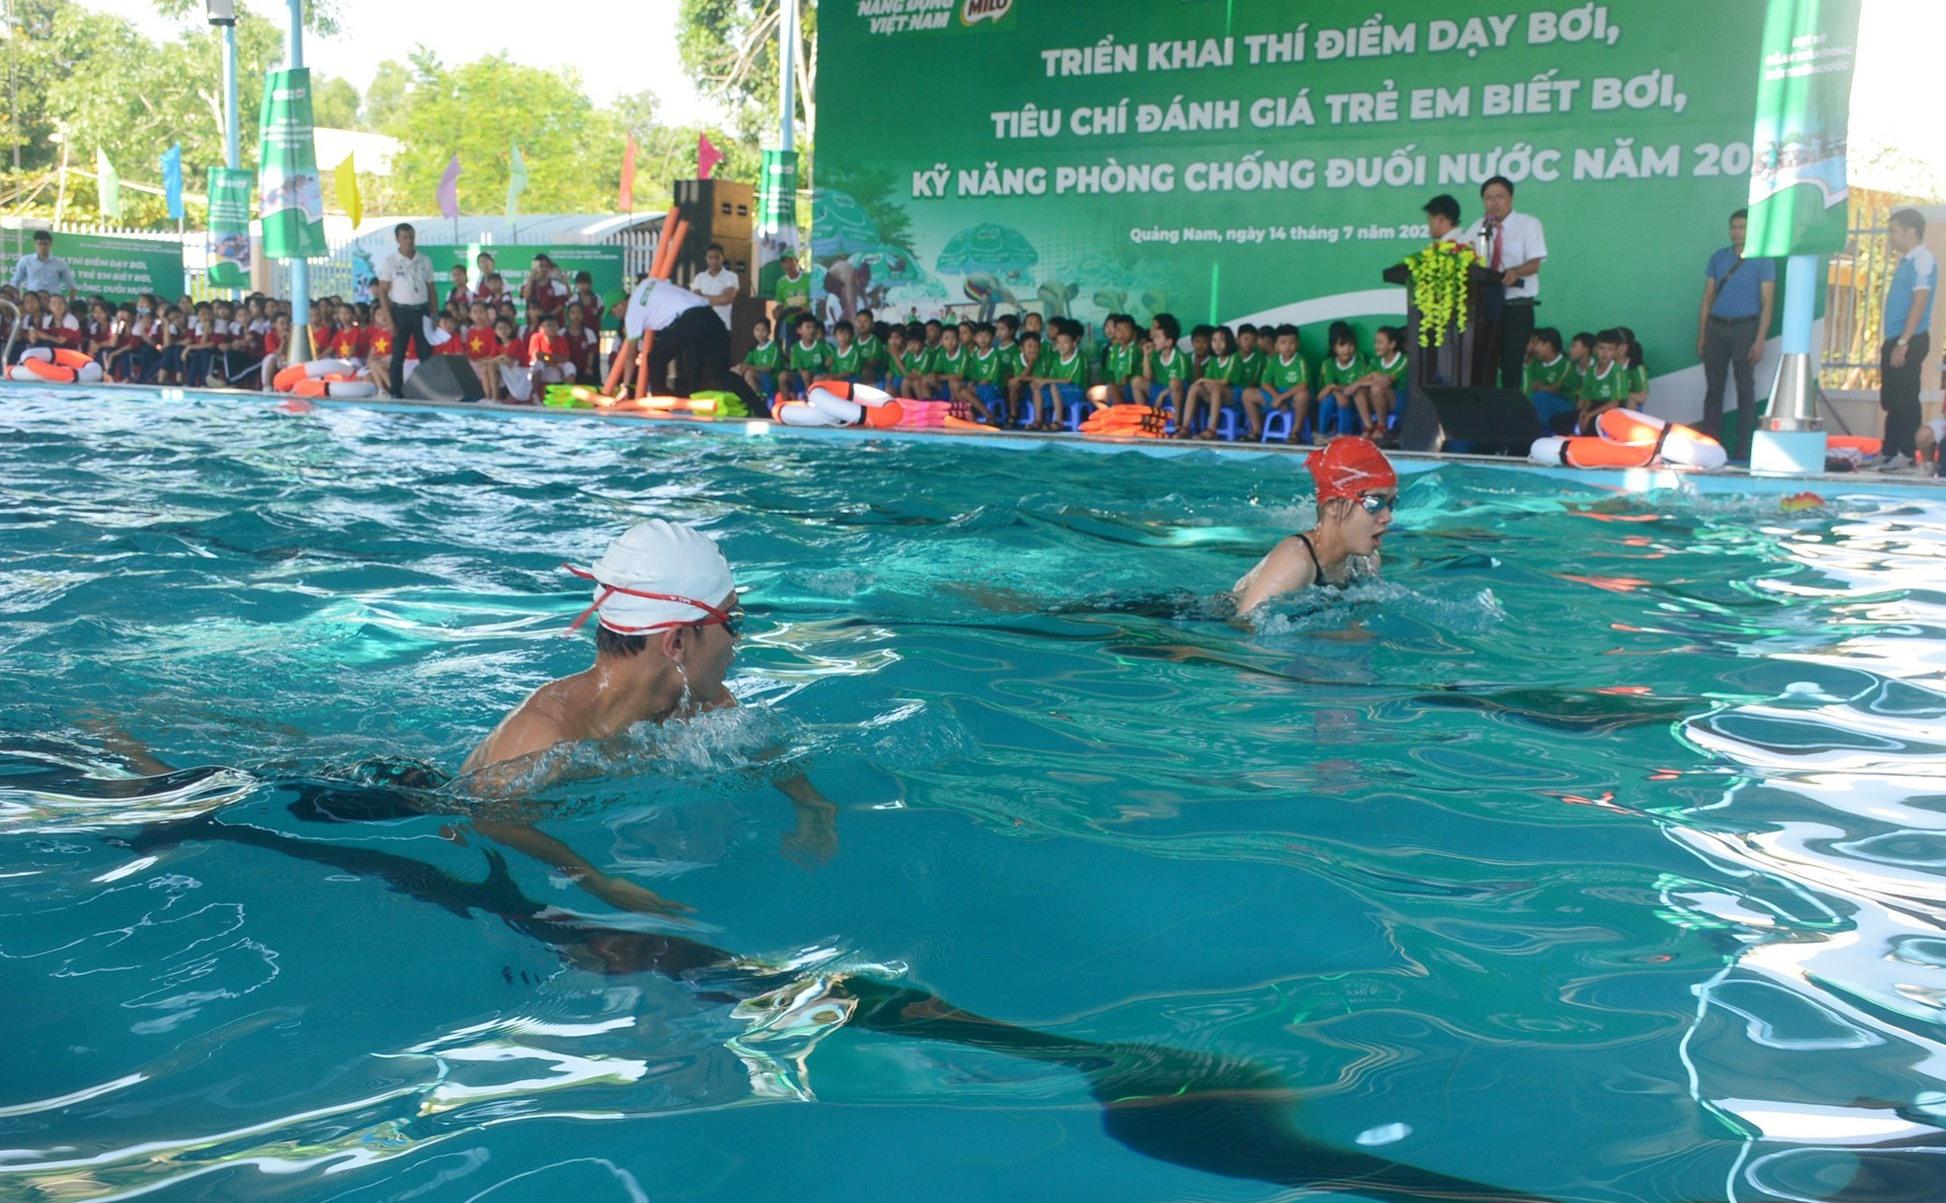 Học sinh bơi biểu diễn sau buổi khai mạc. Ảnh: Q.T